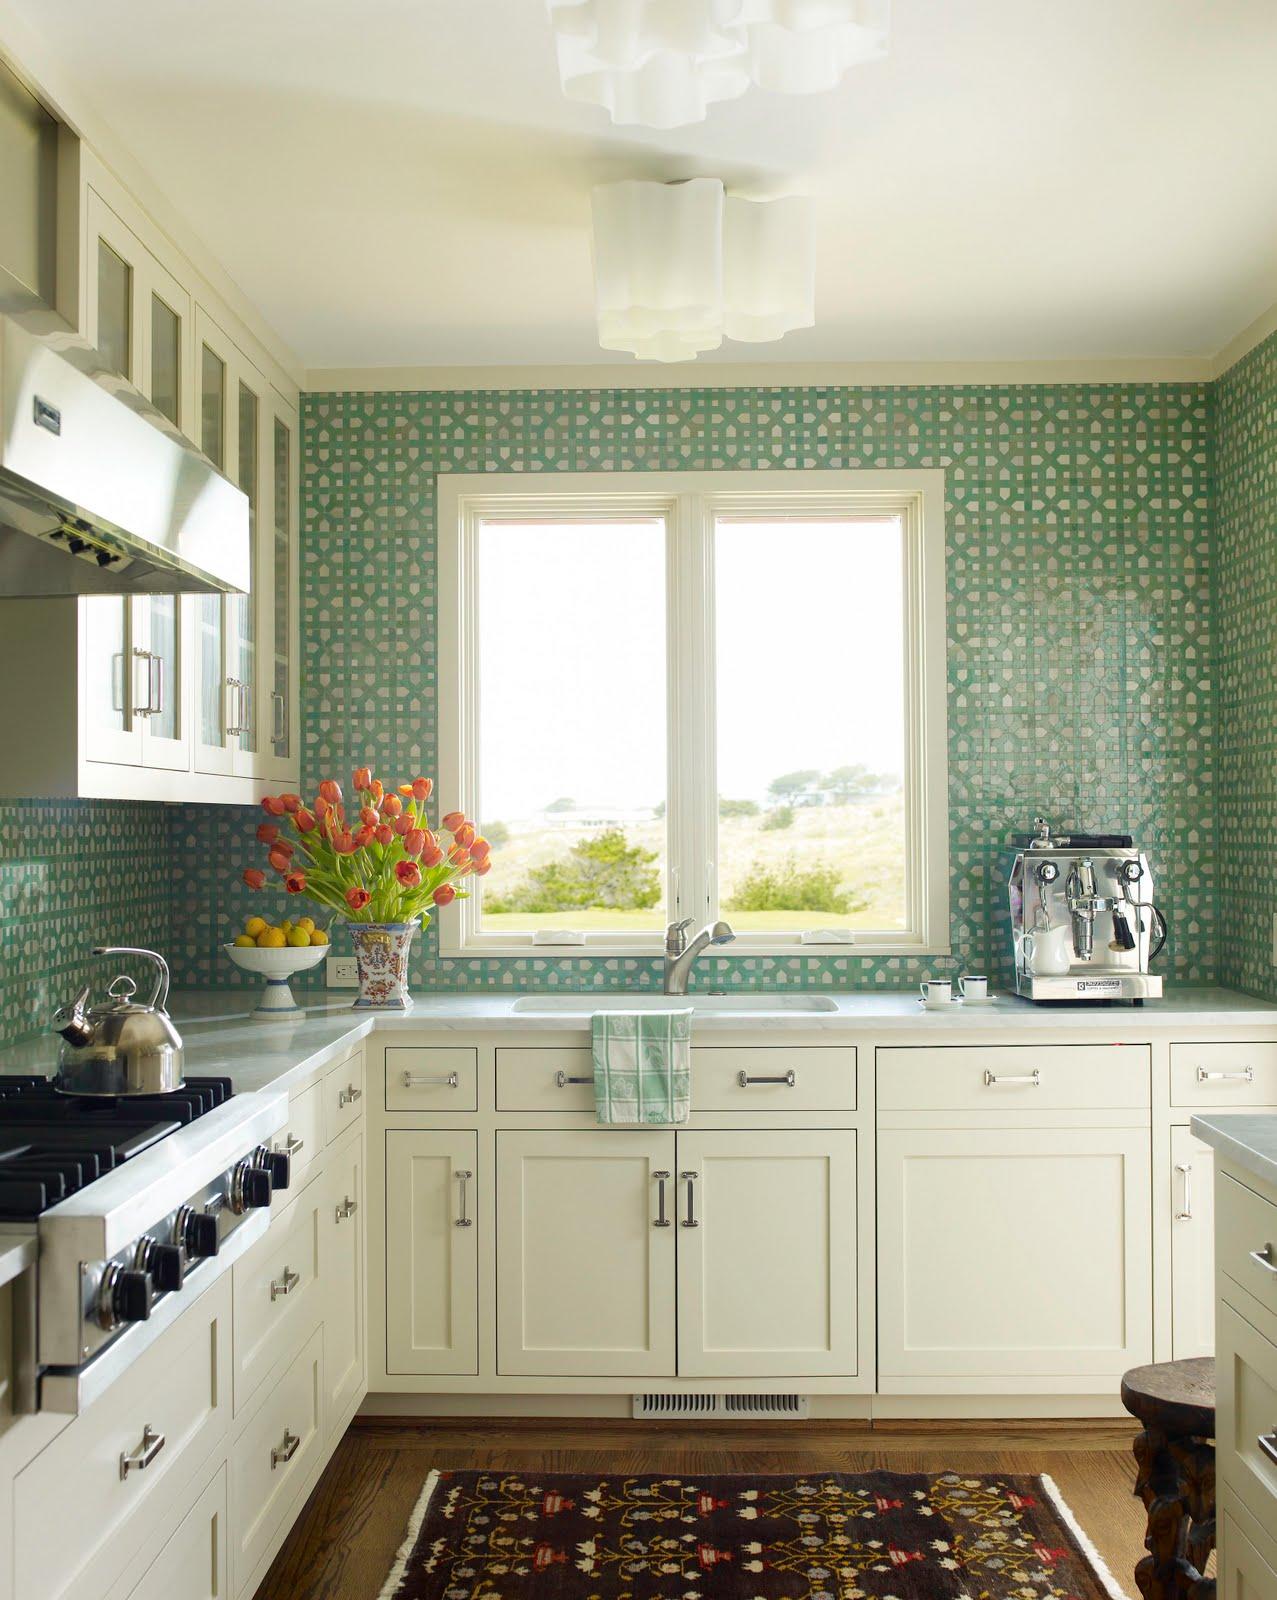 Simple Kitchen Backsplash Ideas Pictures